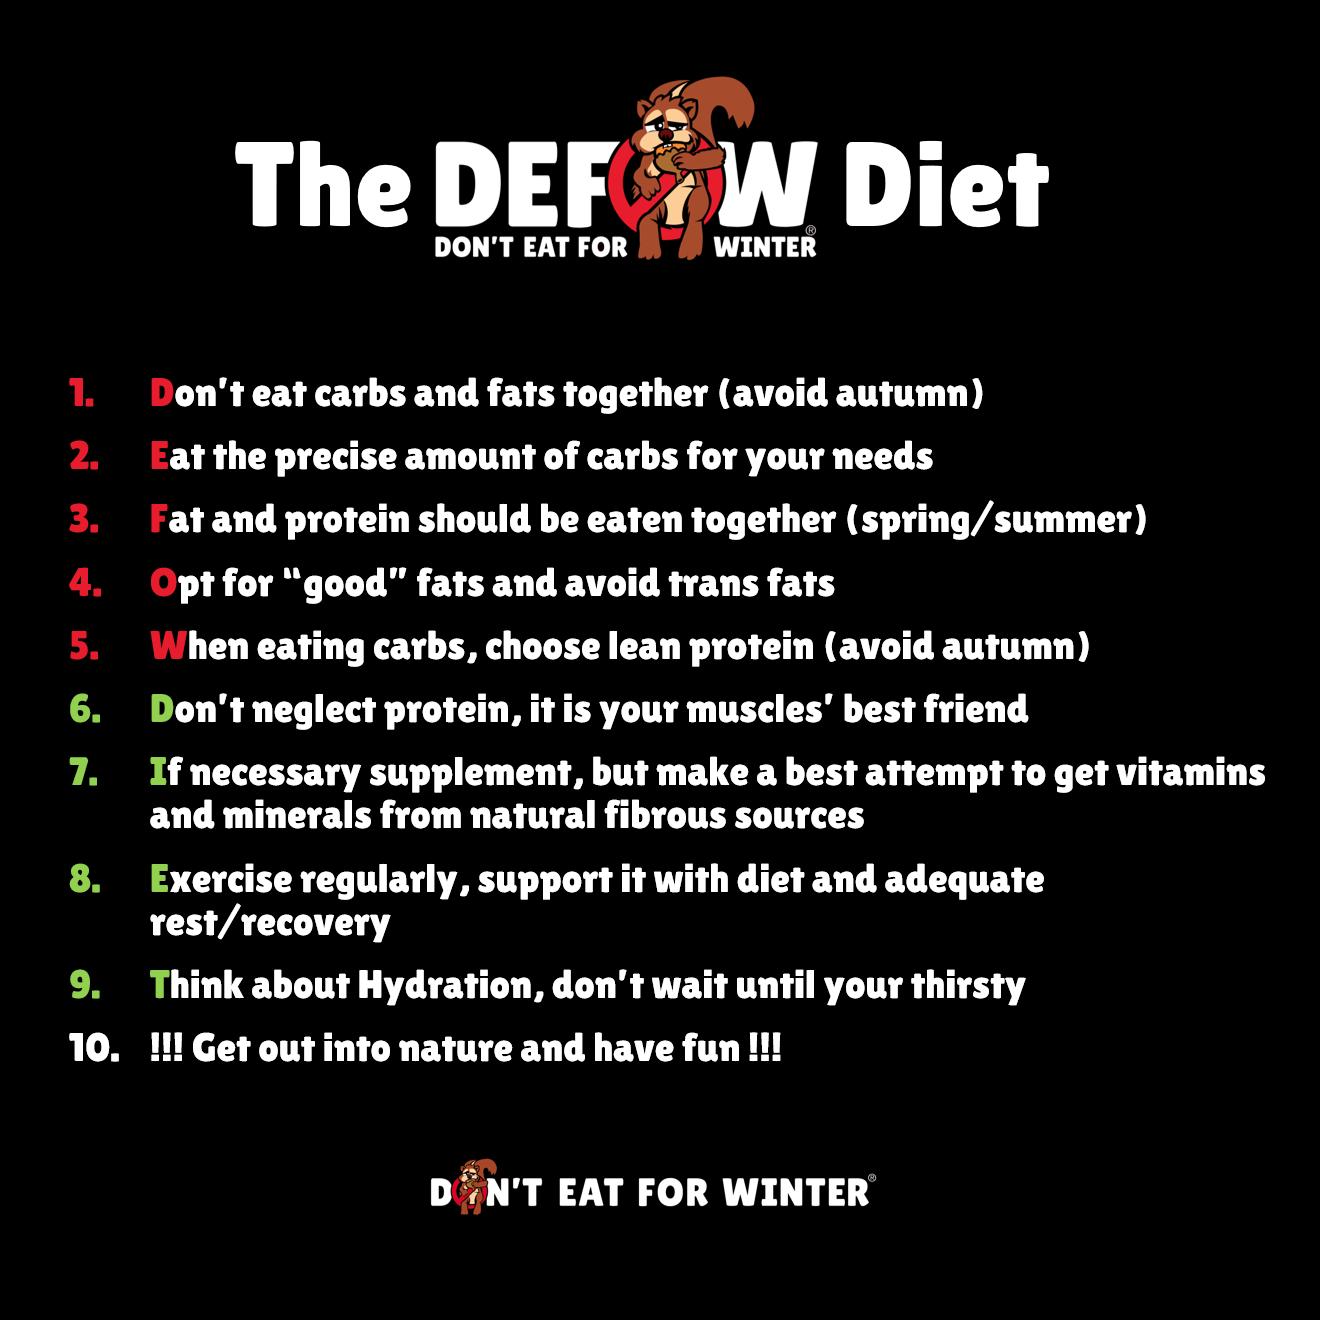 The DEFoW Diet